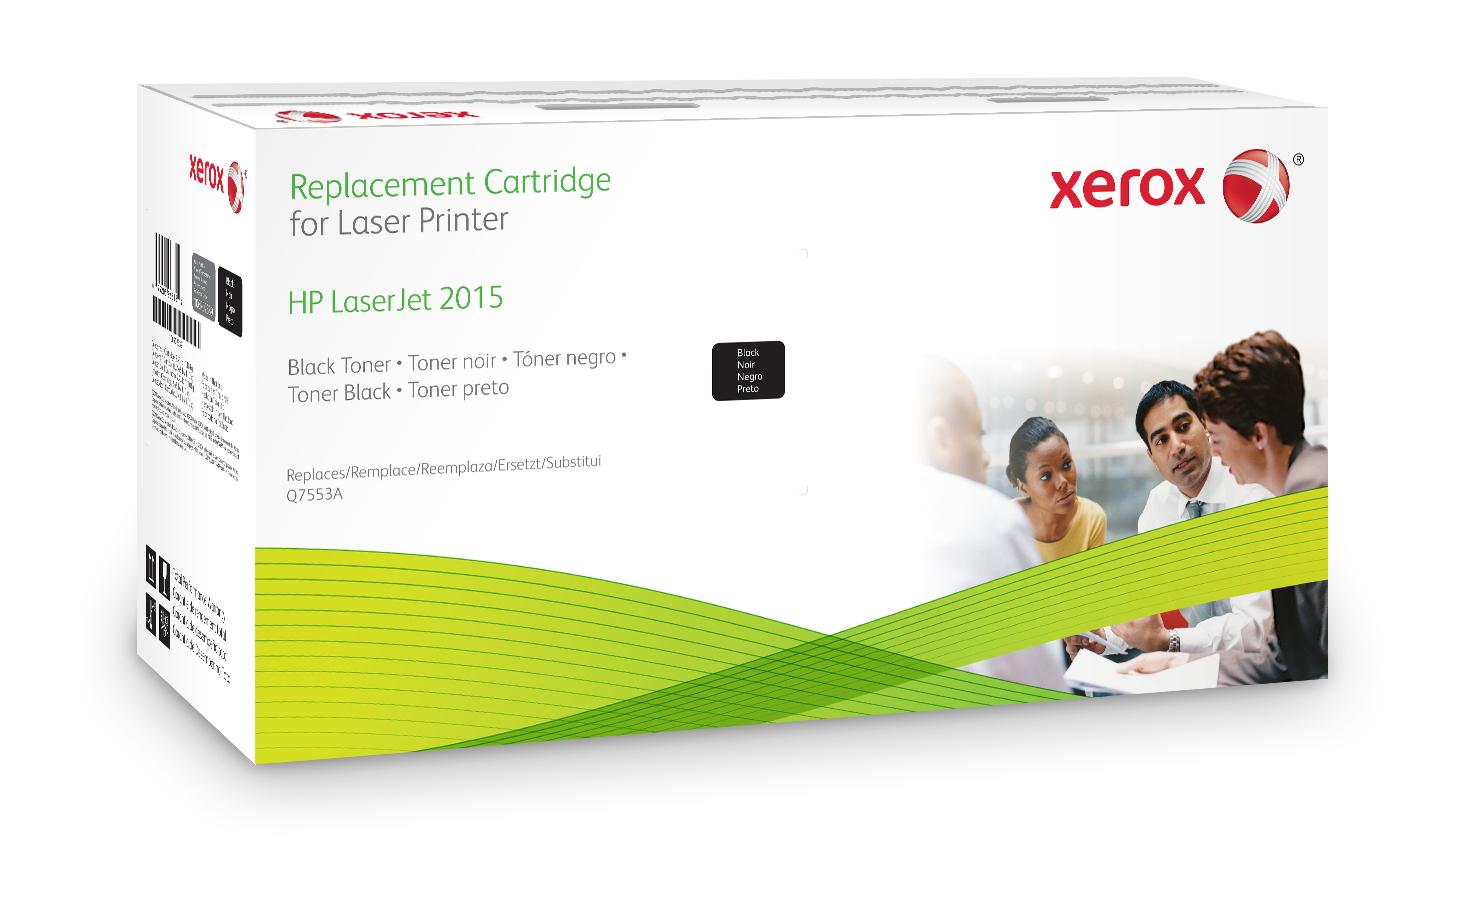 Xerox Cartucho de tóner negro. Equivalente a HP Q7553A. Compatible con HP LaserJet P2015